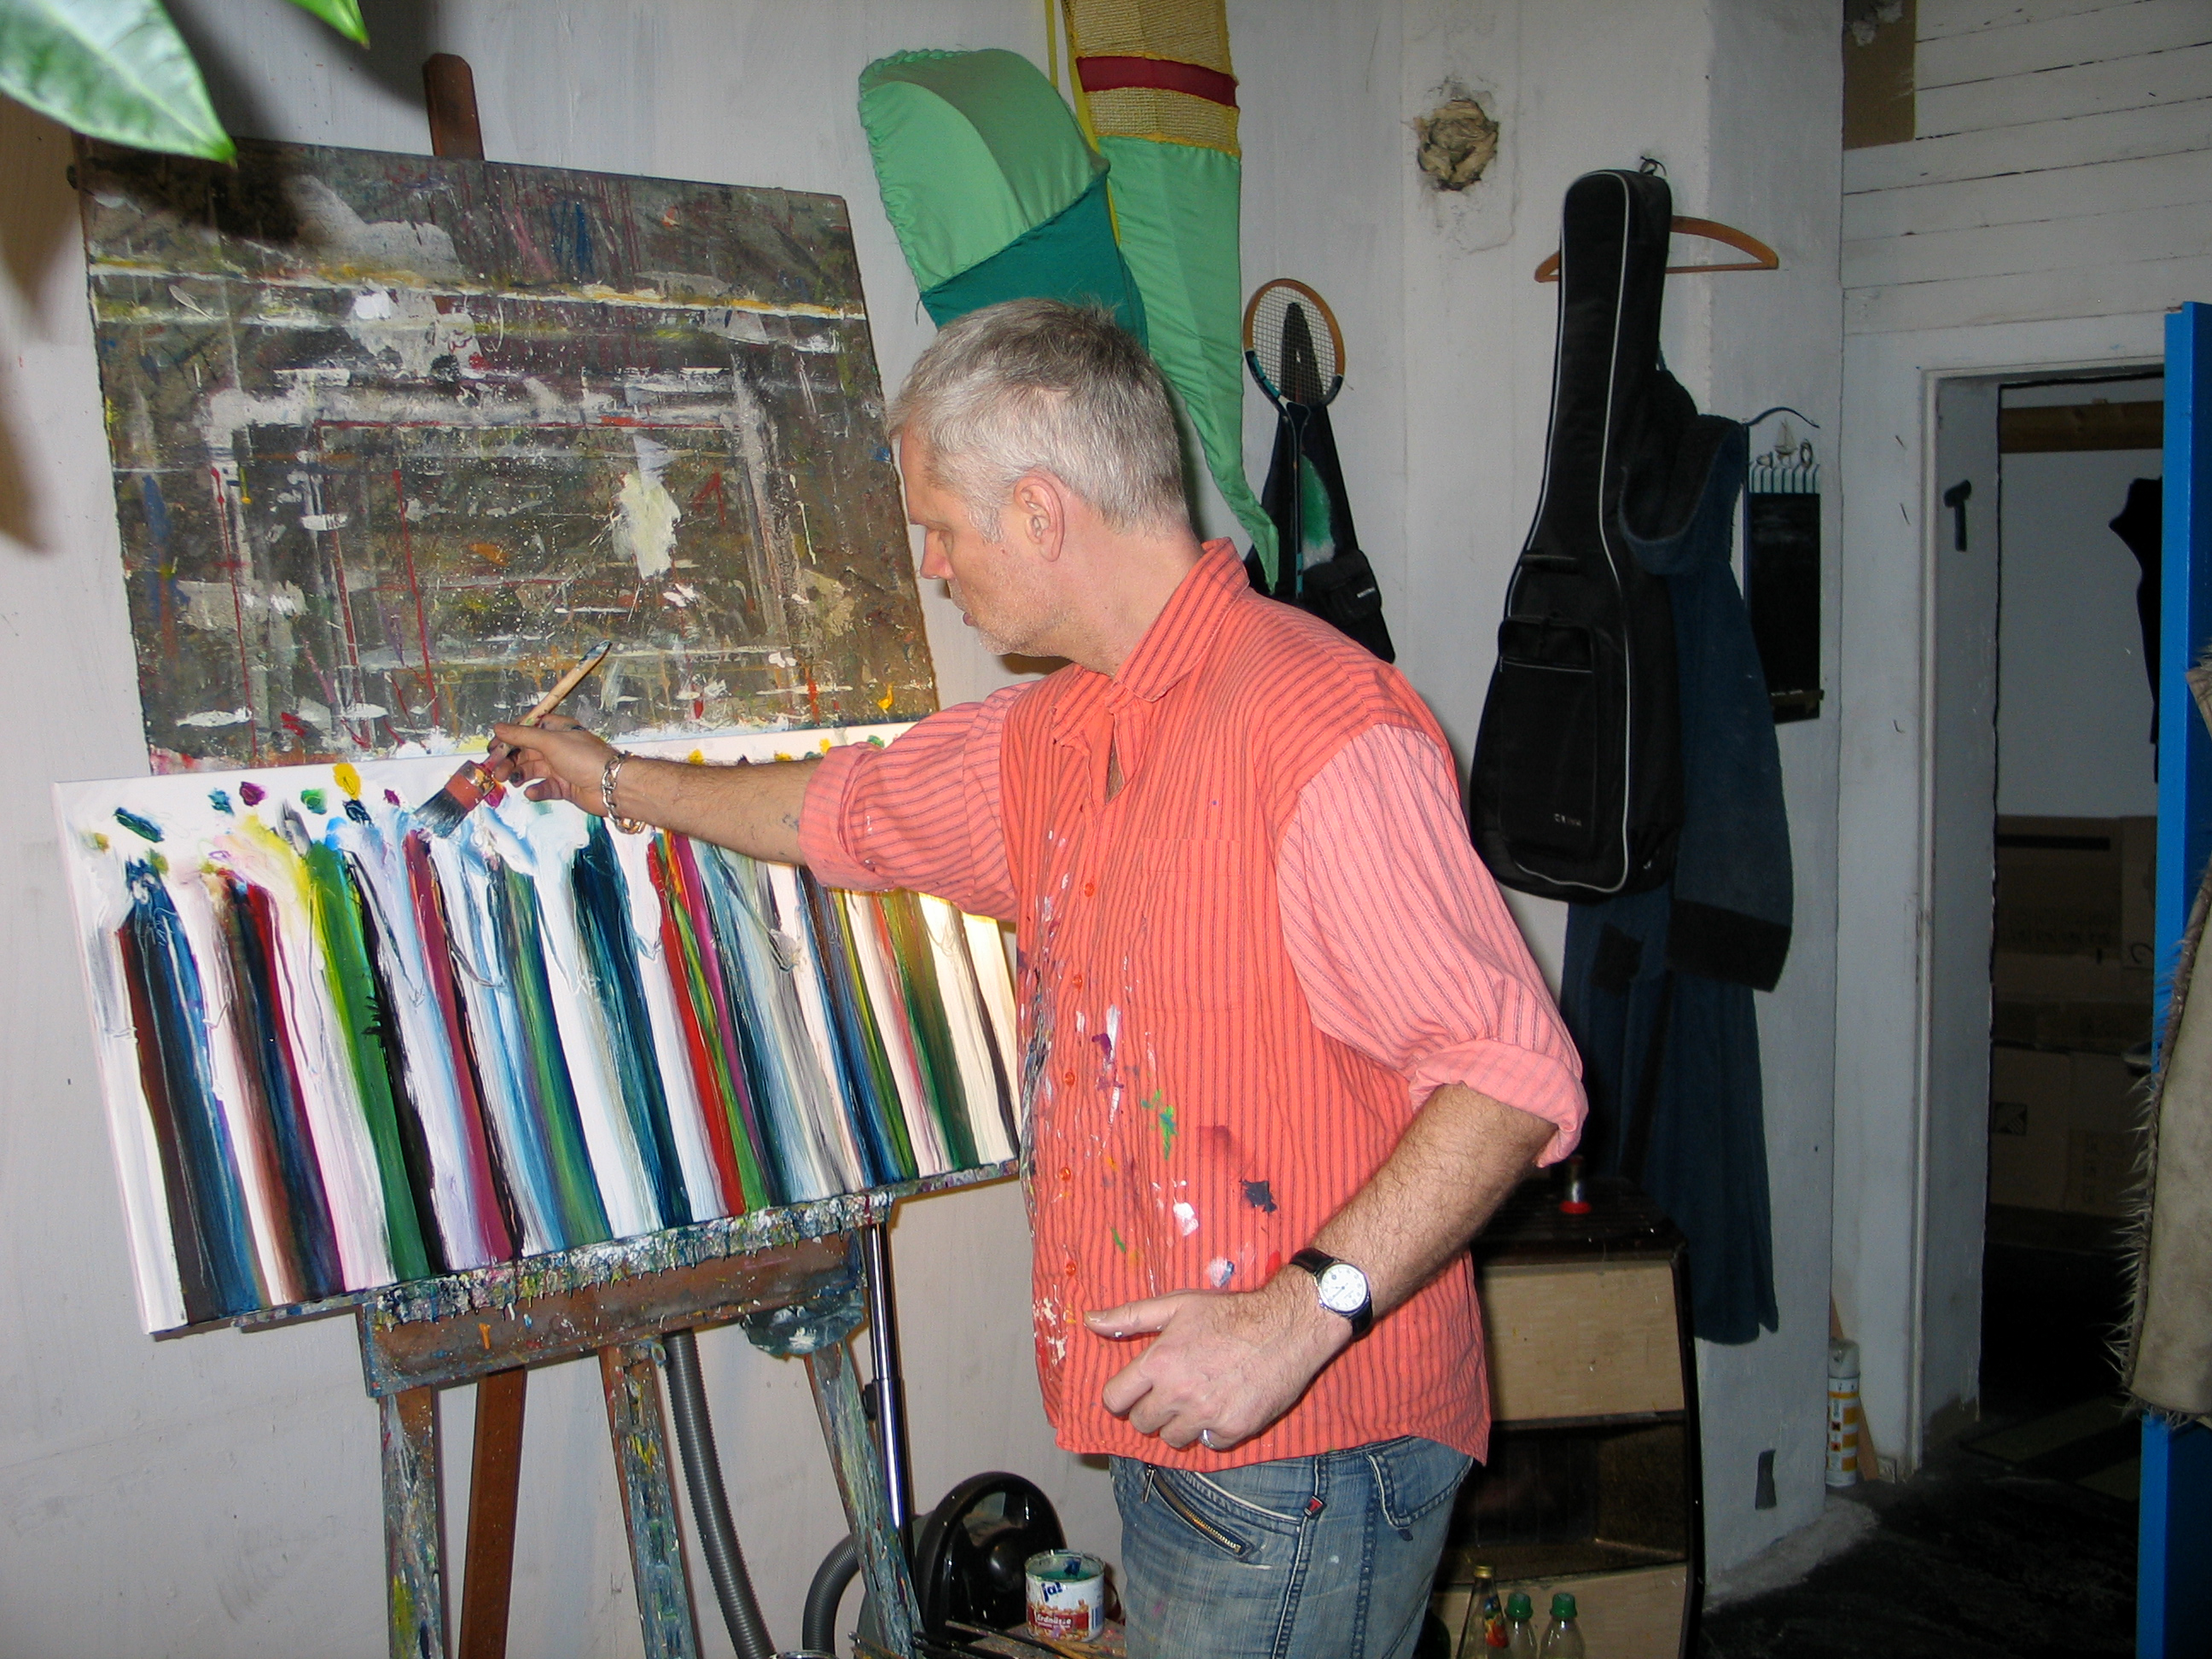 Filearbeit des malers ralf peter post in seinem wohn zimmer atelier